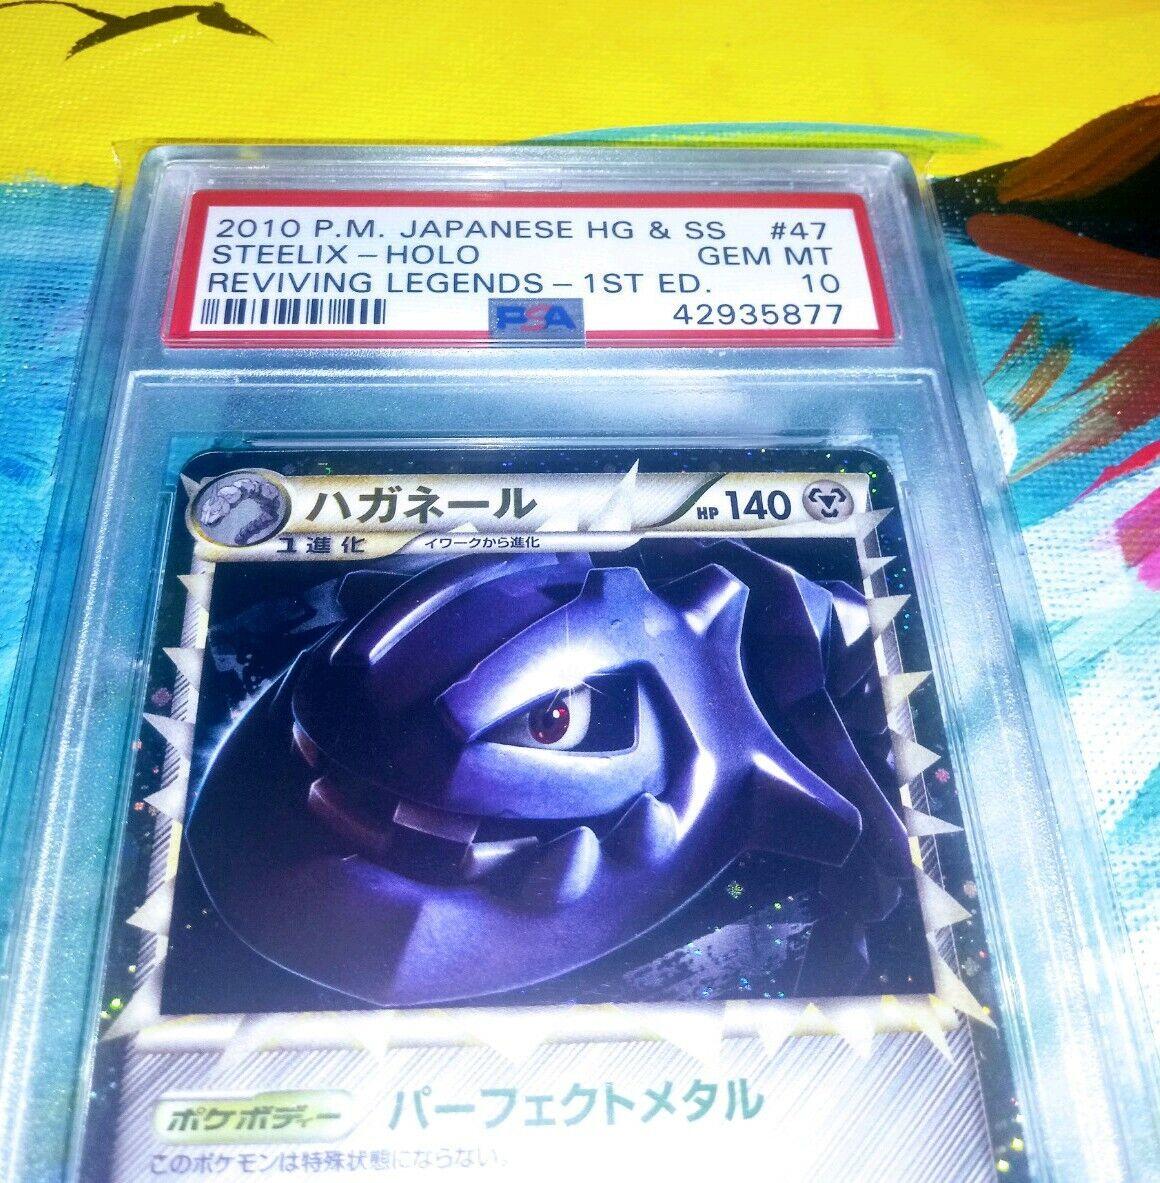 2010 STEELIX Prime 1st Edition PSA 10 Gem Mint Pokemon Reviving Legends LOW POP